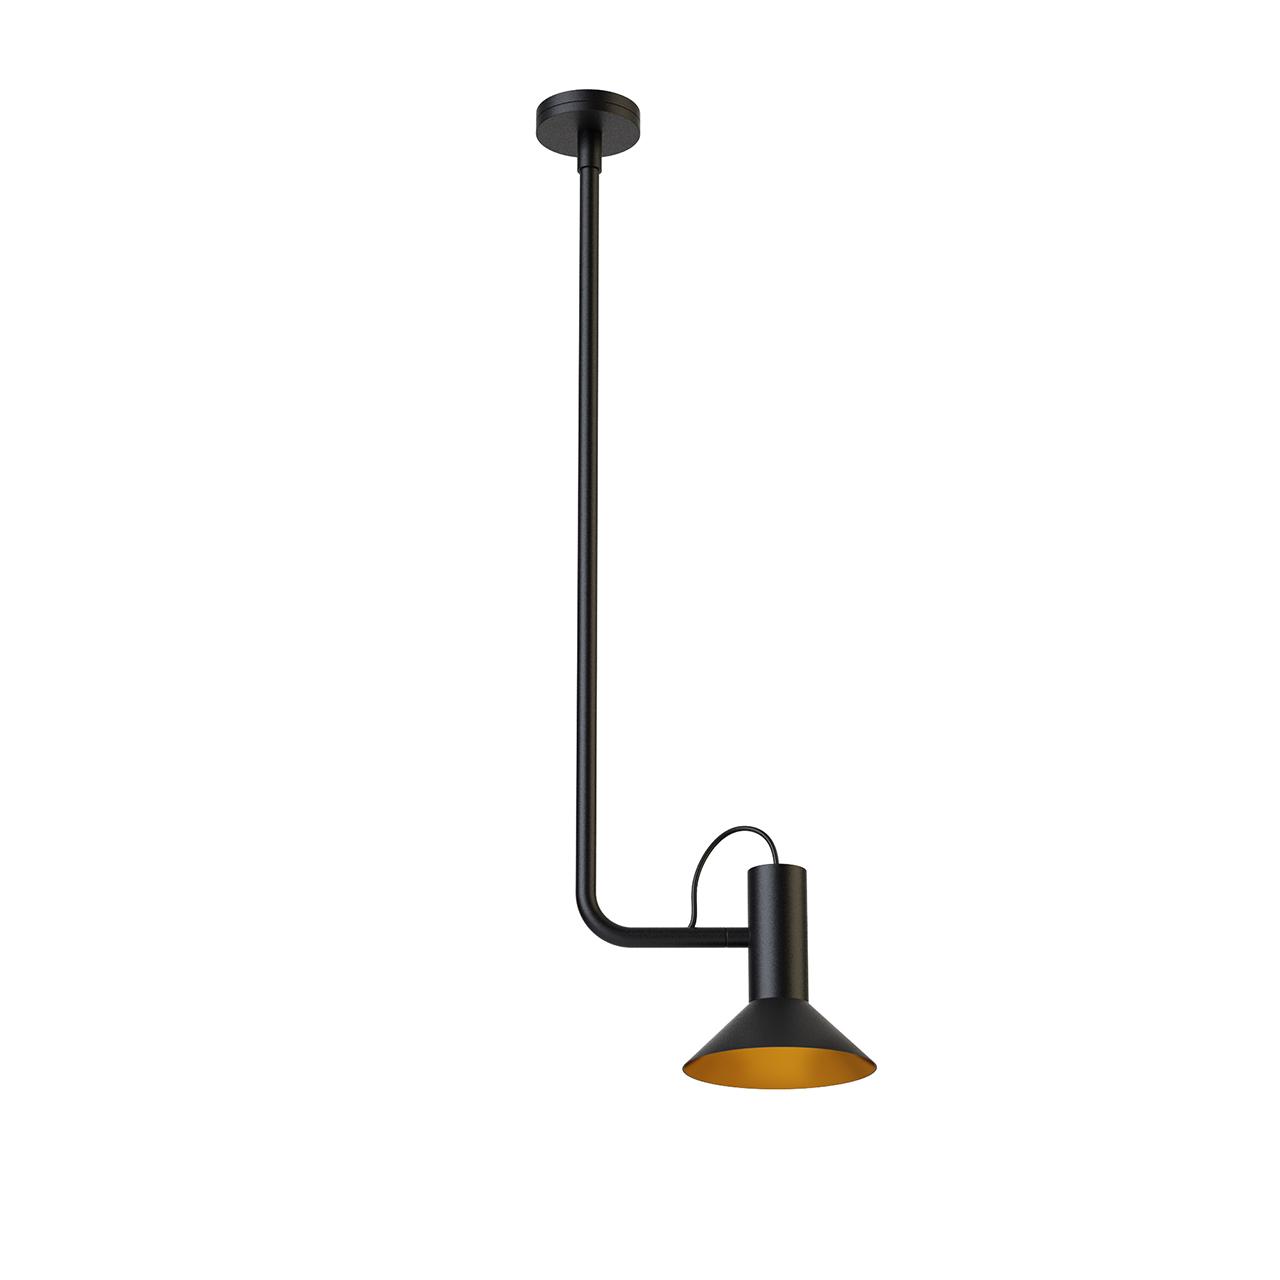 Roomor 1 Pendant Light 1681E0BK1 by Wever Ducre